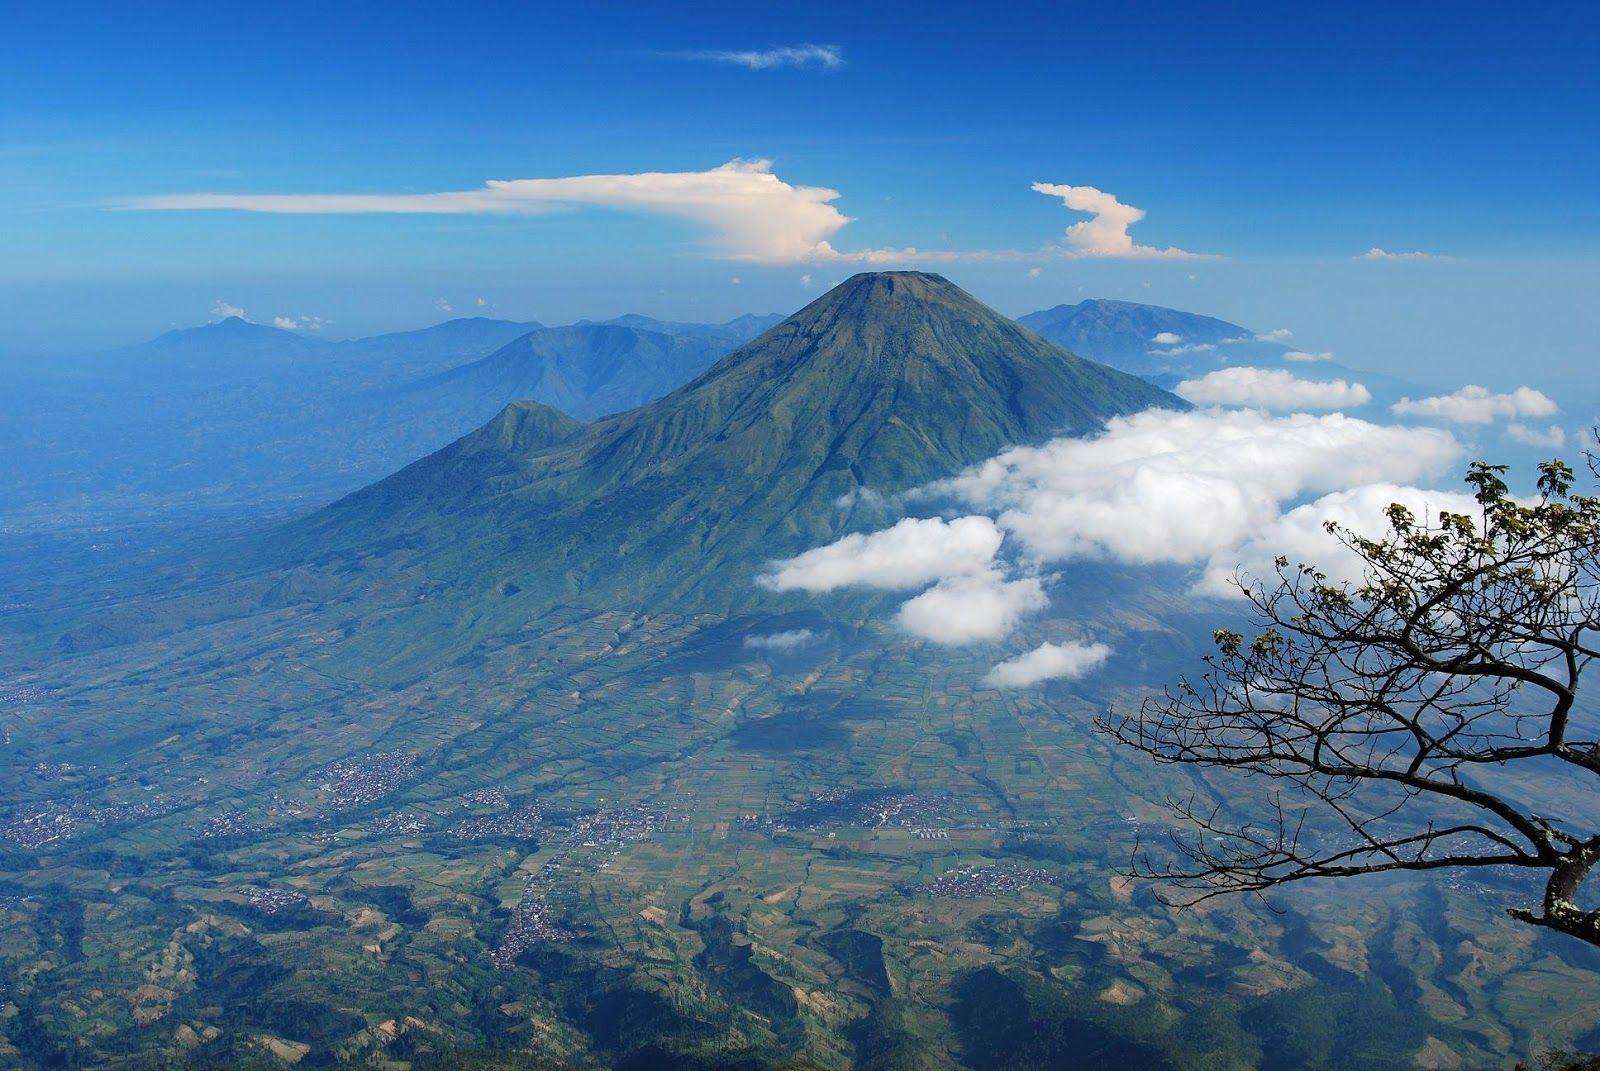 Gunung Slamet Merupakan Gunung Berapi Tertinggi Di Jawa Tengah Gunung Ini Berada Di Batas 5 Kabupaten Brebes Banyumas Puba Pemandangan Lanskap Gunung Berapi